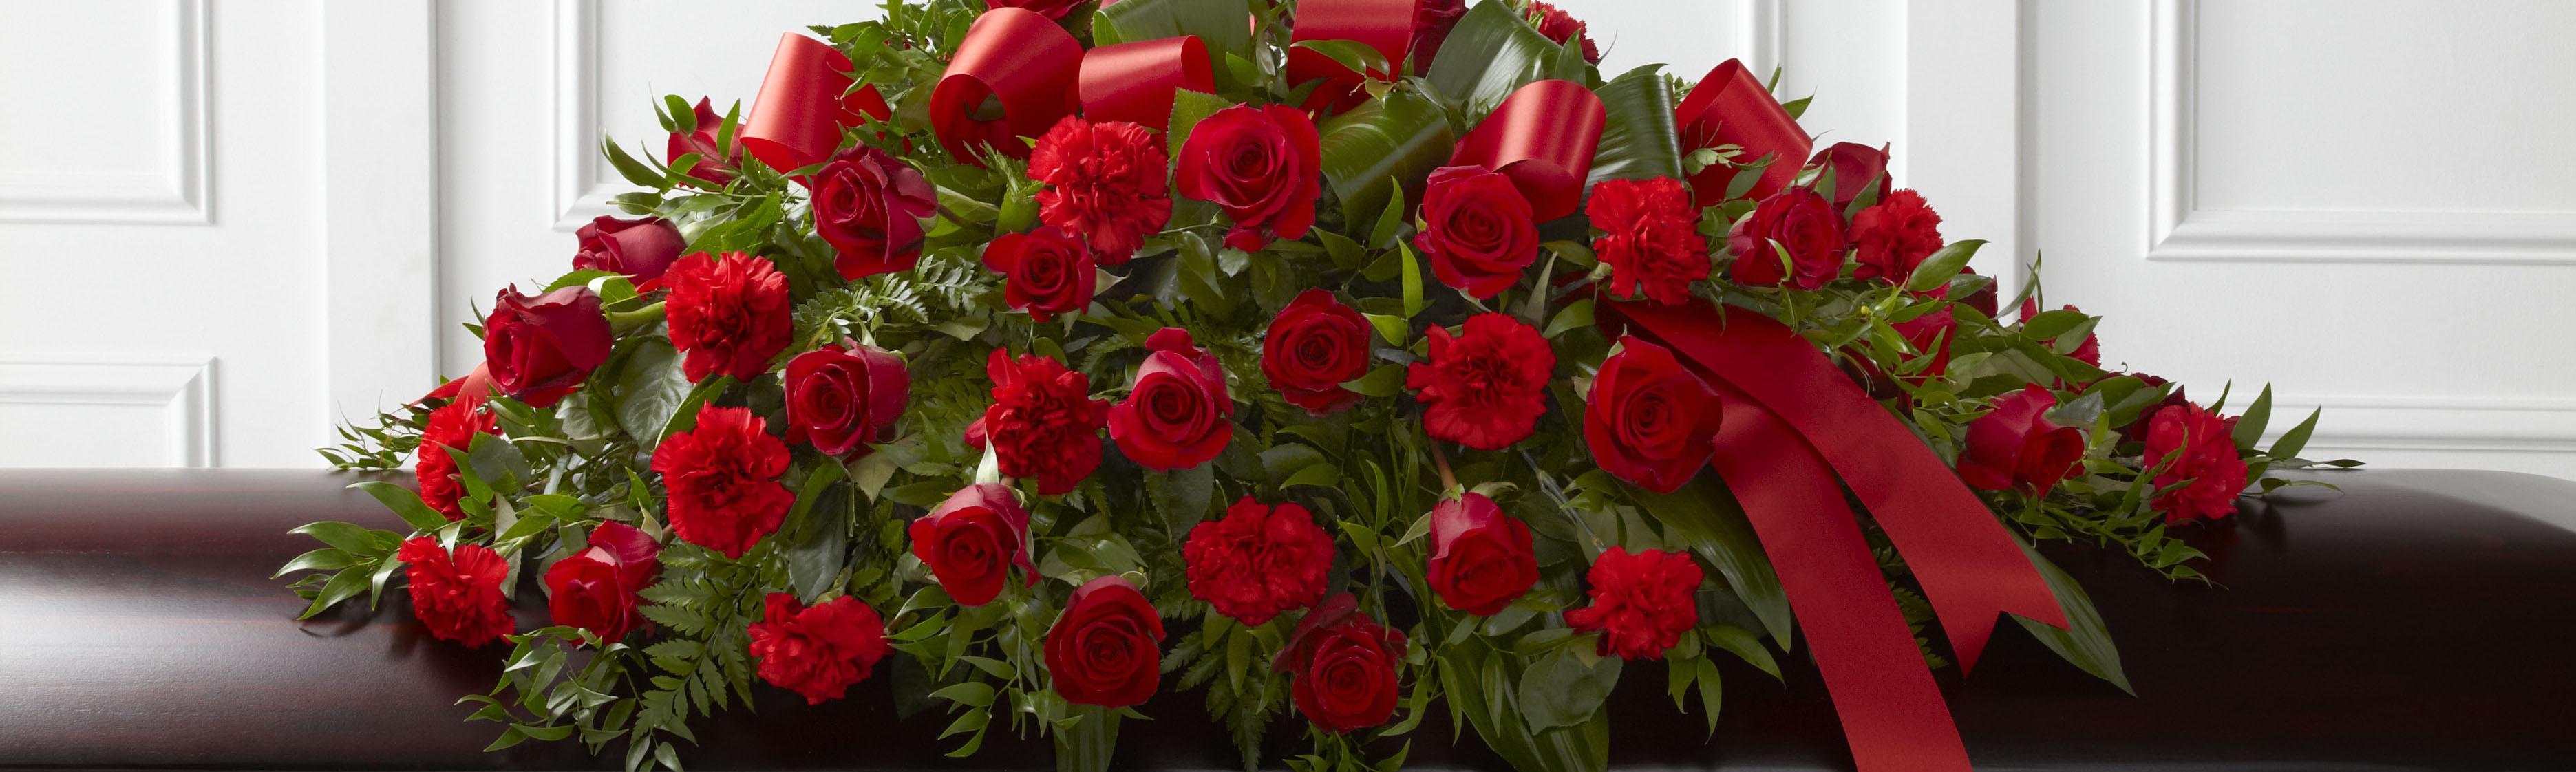 Используем только качественные материалы для венков из искусственных цветов и свежесрезанные розы, хризантемы, гипсофилы и лилии для венков из живых цветов